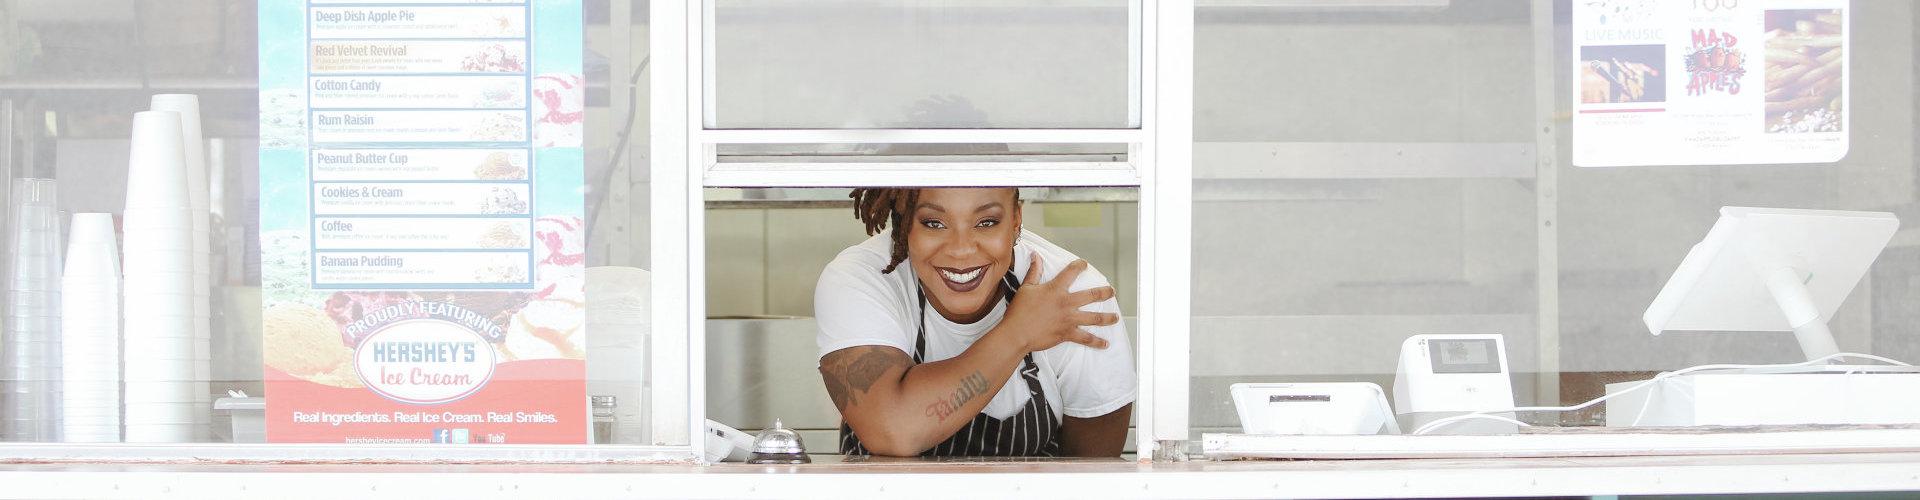 woman look on a window